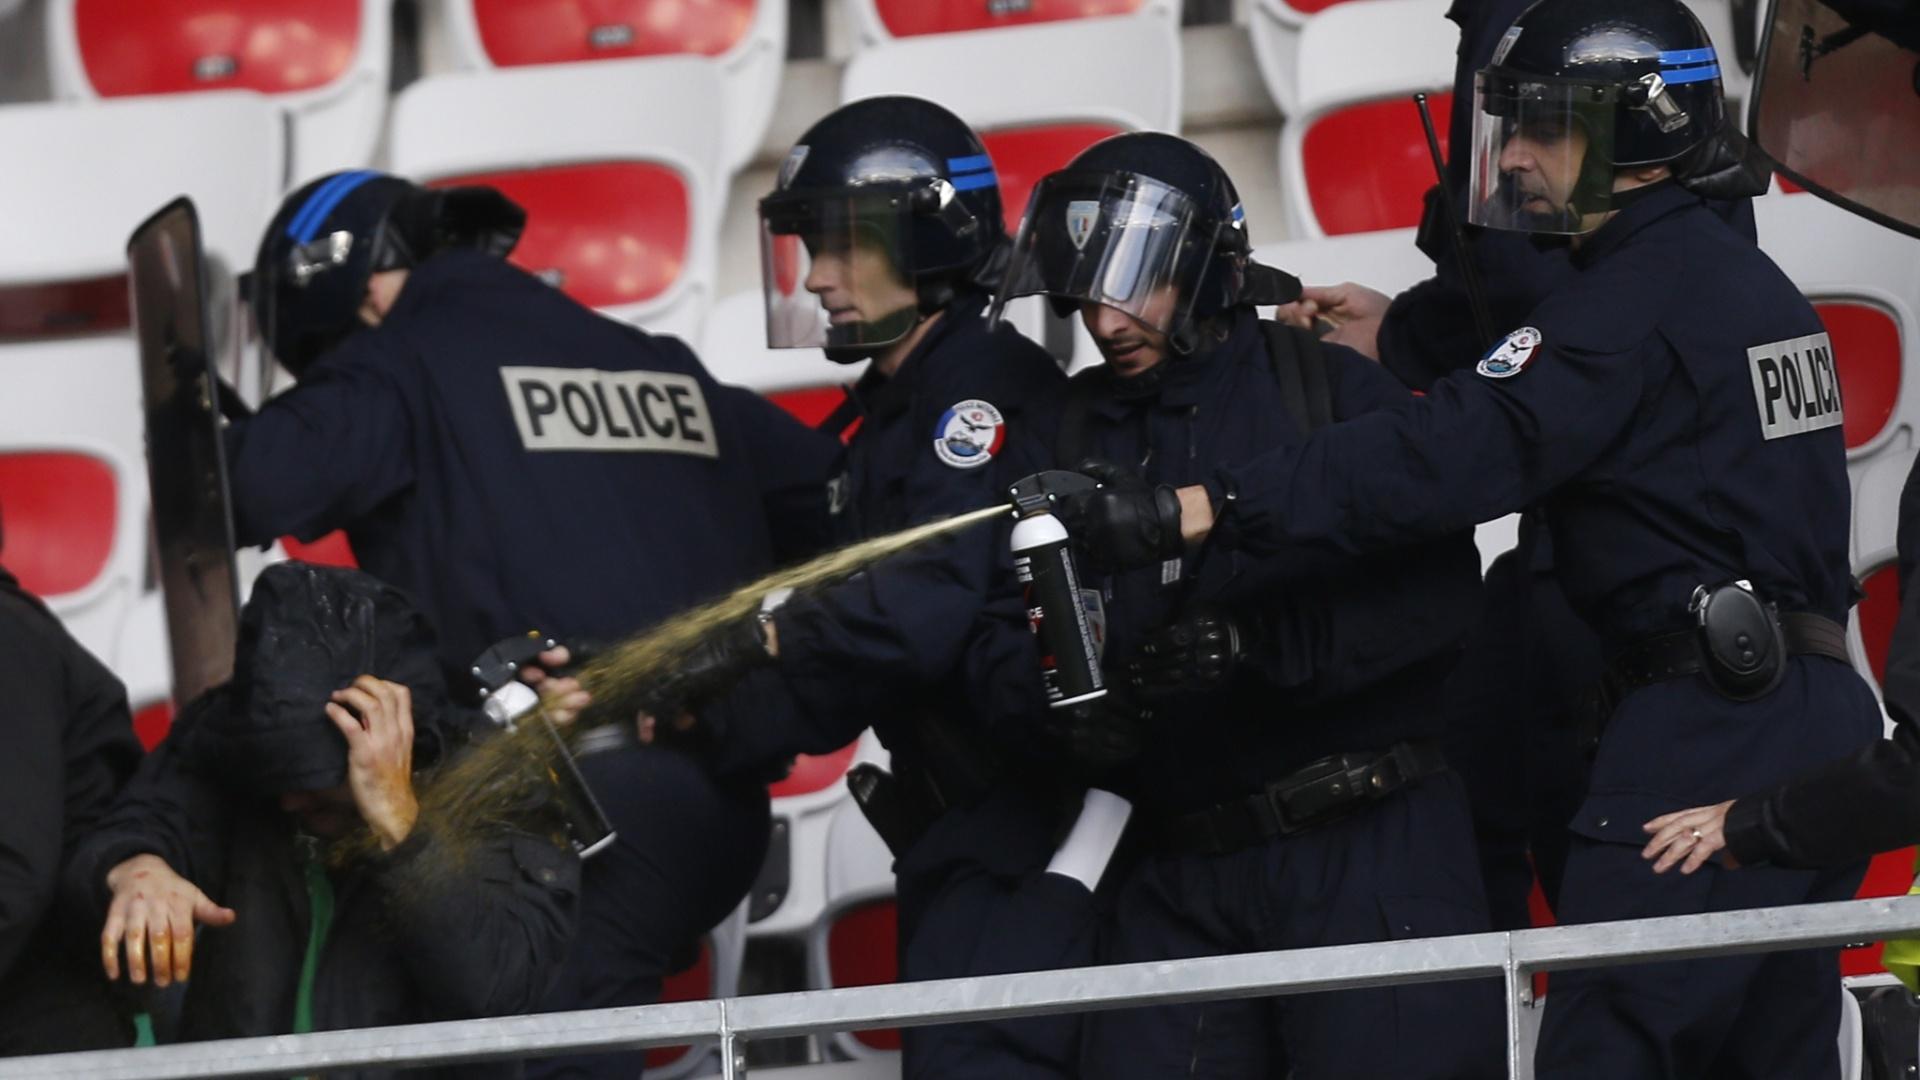 24.nov.2013 - Polícia usou spray de pimenta para conter briga entre torcedores do Saint-Etienne, pela Ligue 1